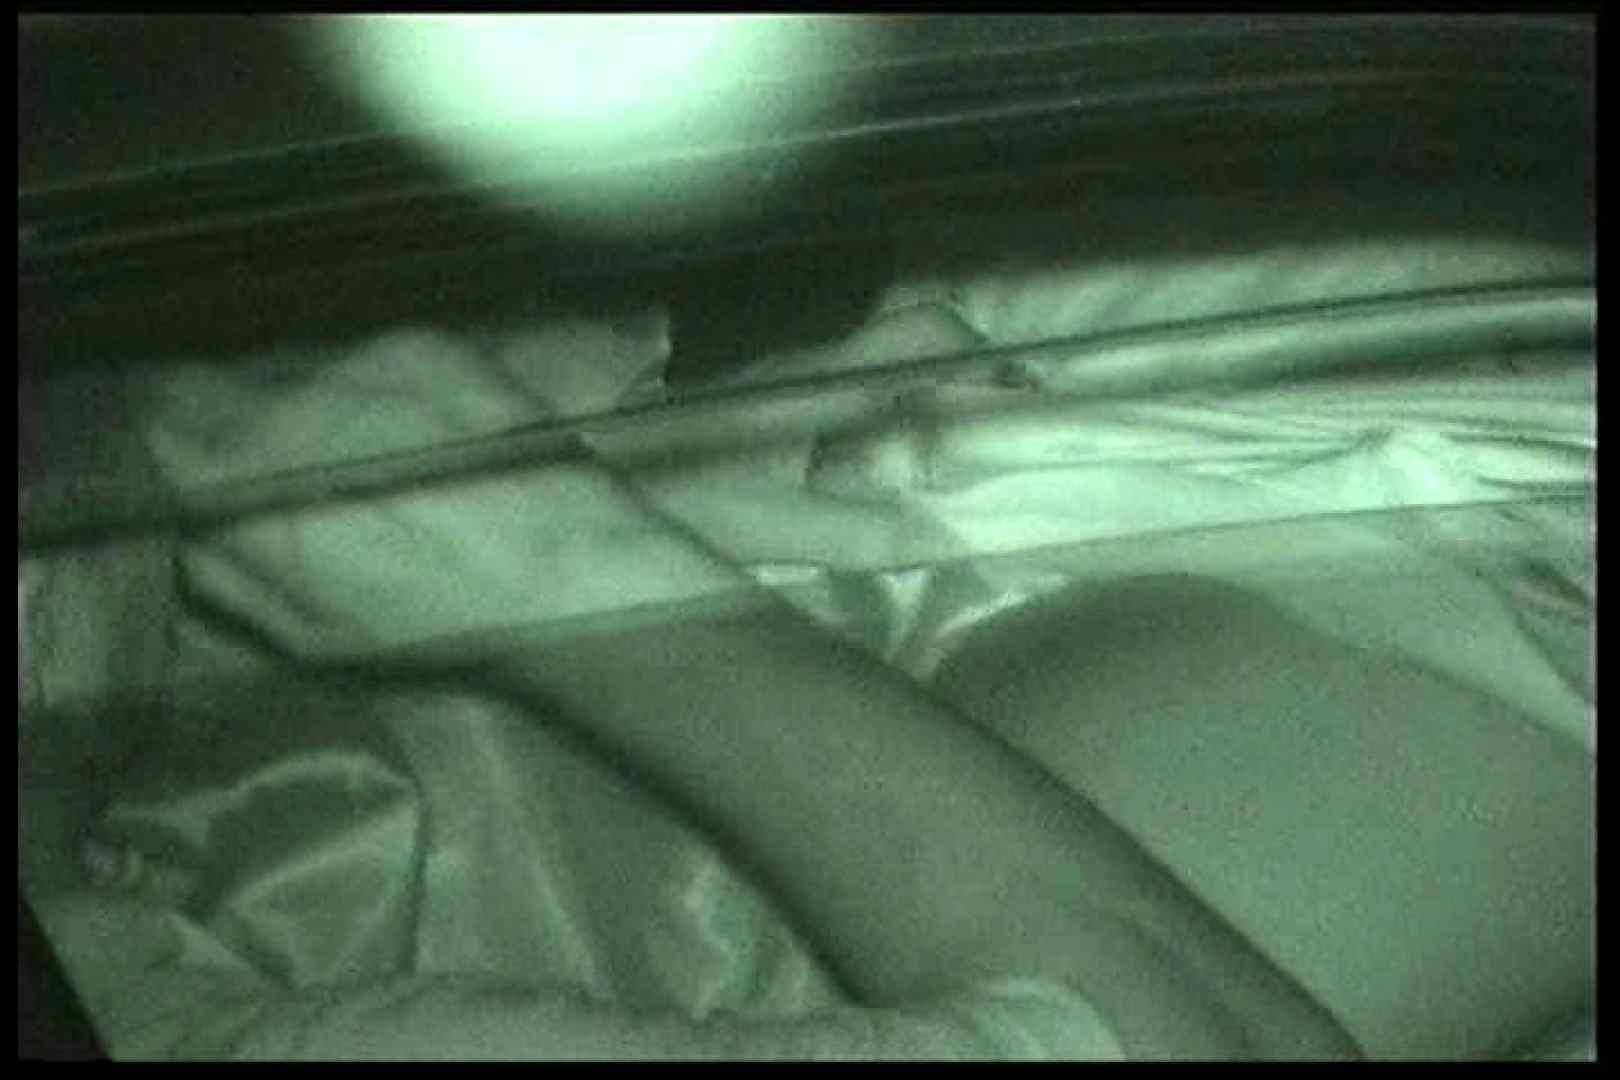 車の中はラブホテル 無修正版  Vol.13 車の中のカップル 盗み撮り動画 64画像 53